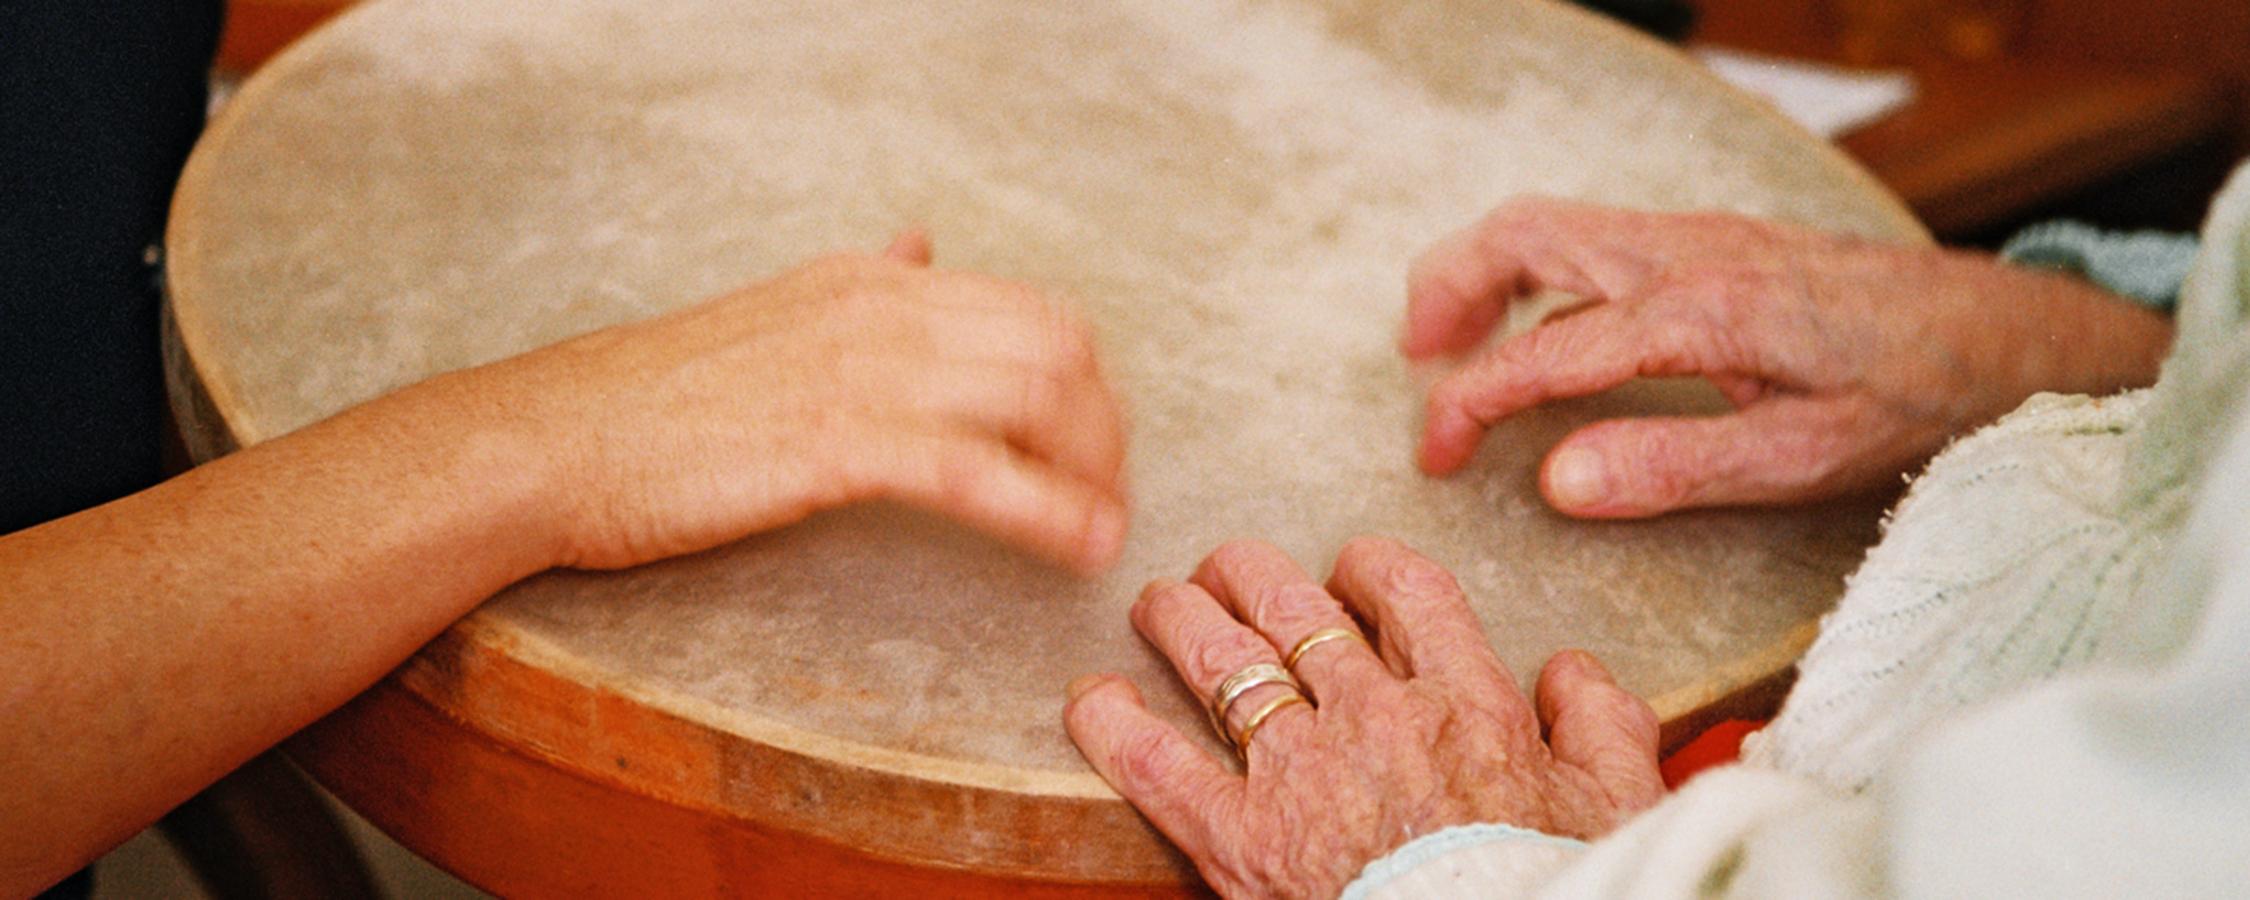 mani di una persona giovane e una anziana che battono su un tamburo